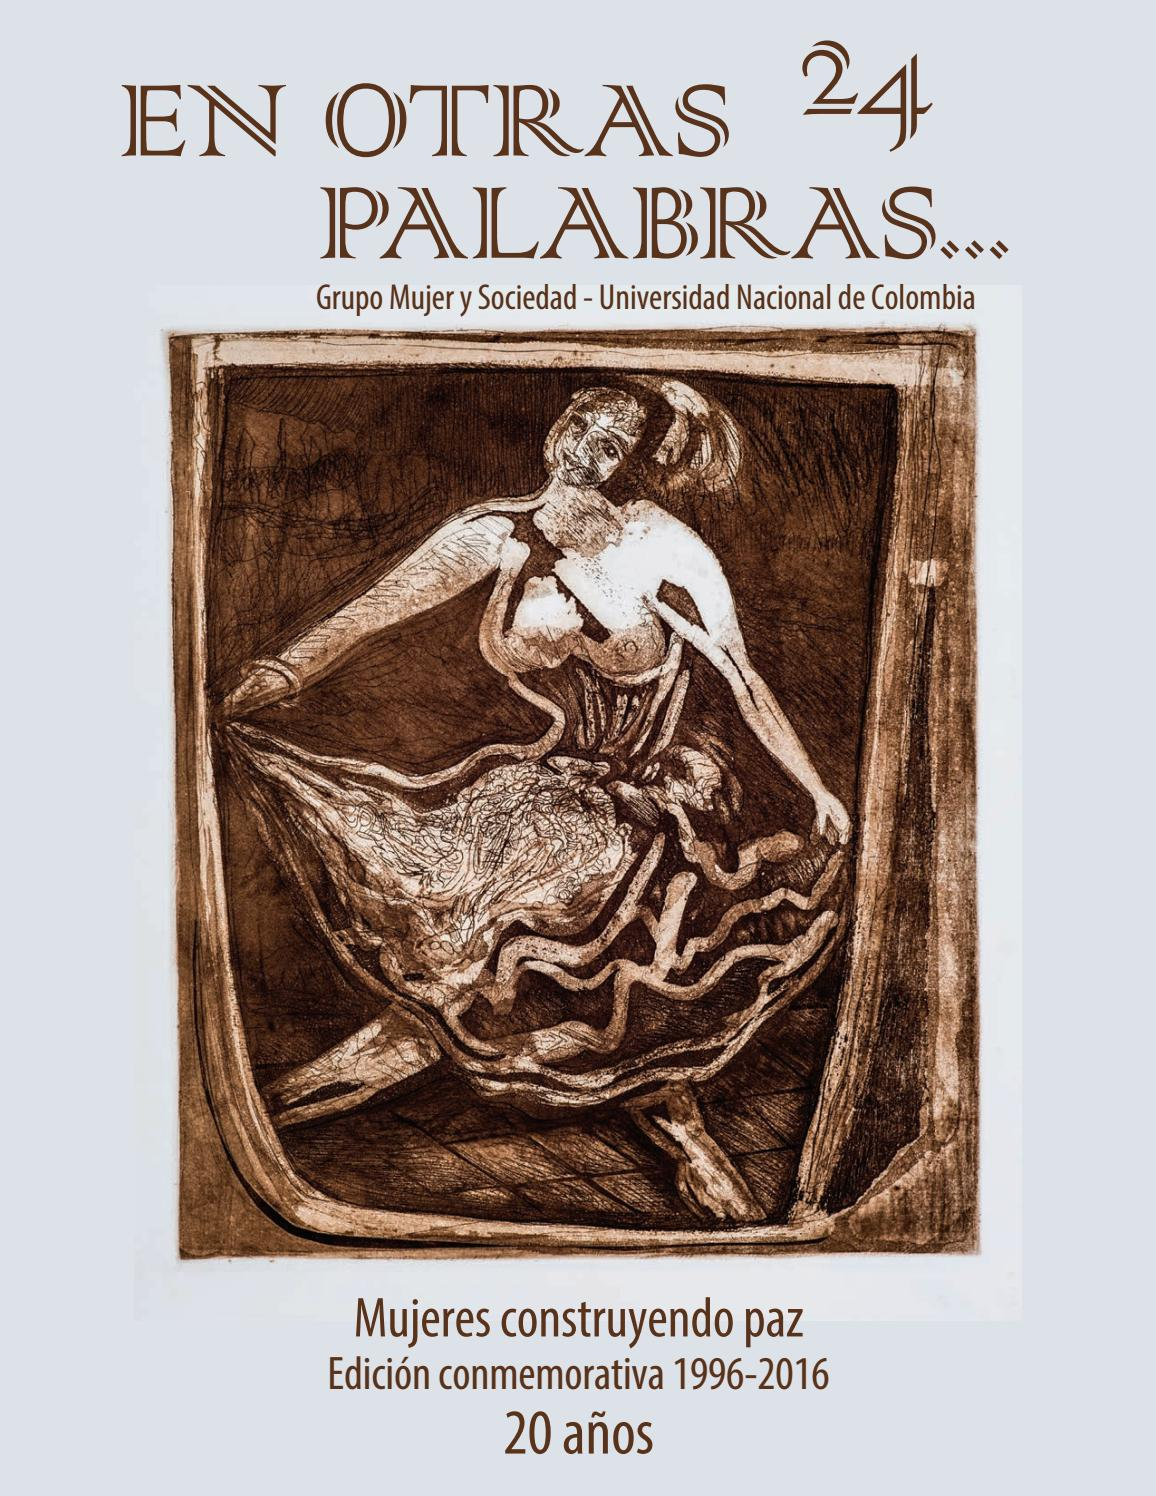 Revista En otras palabras No. 24 Mujeres construyendo paz by Revista en  otras palabras - issuu 60185a8b2a6c5